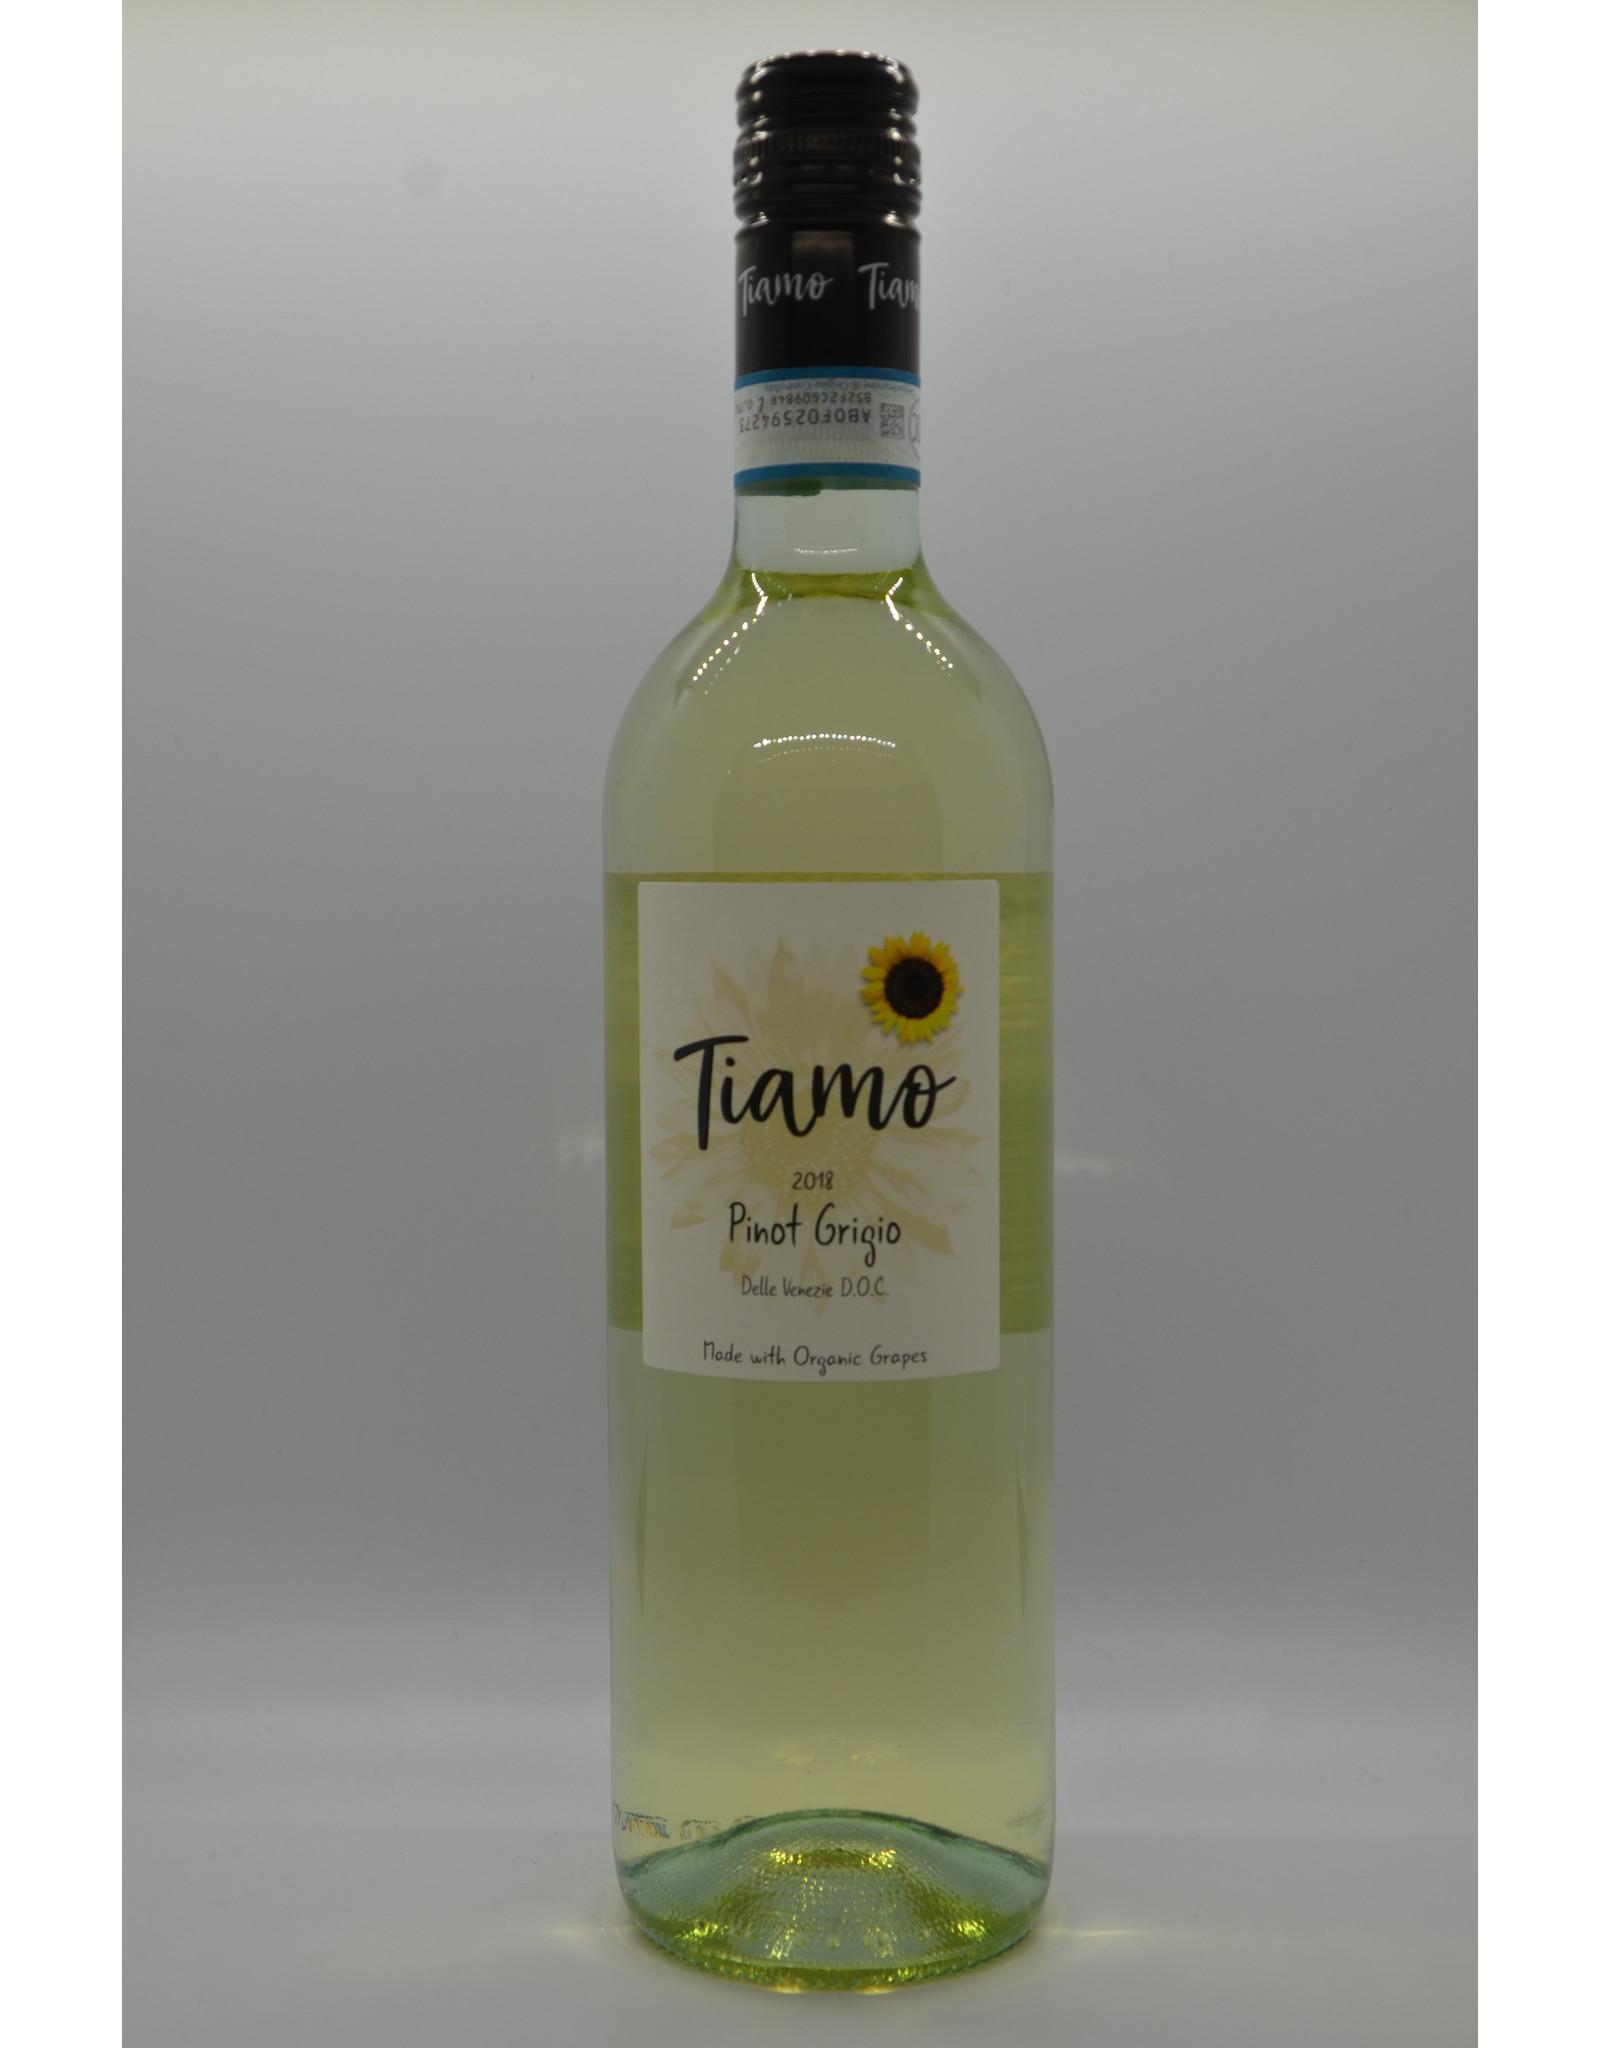 Italy Tiamo Organic Pinot Grigio